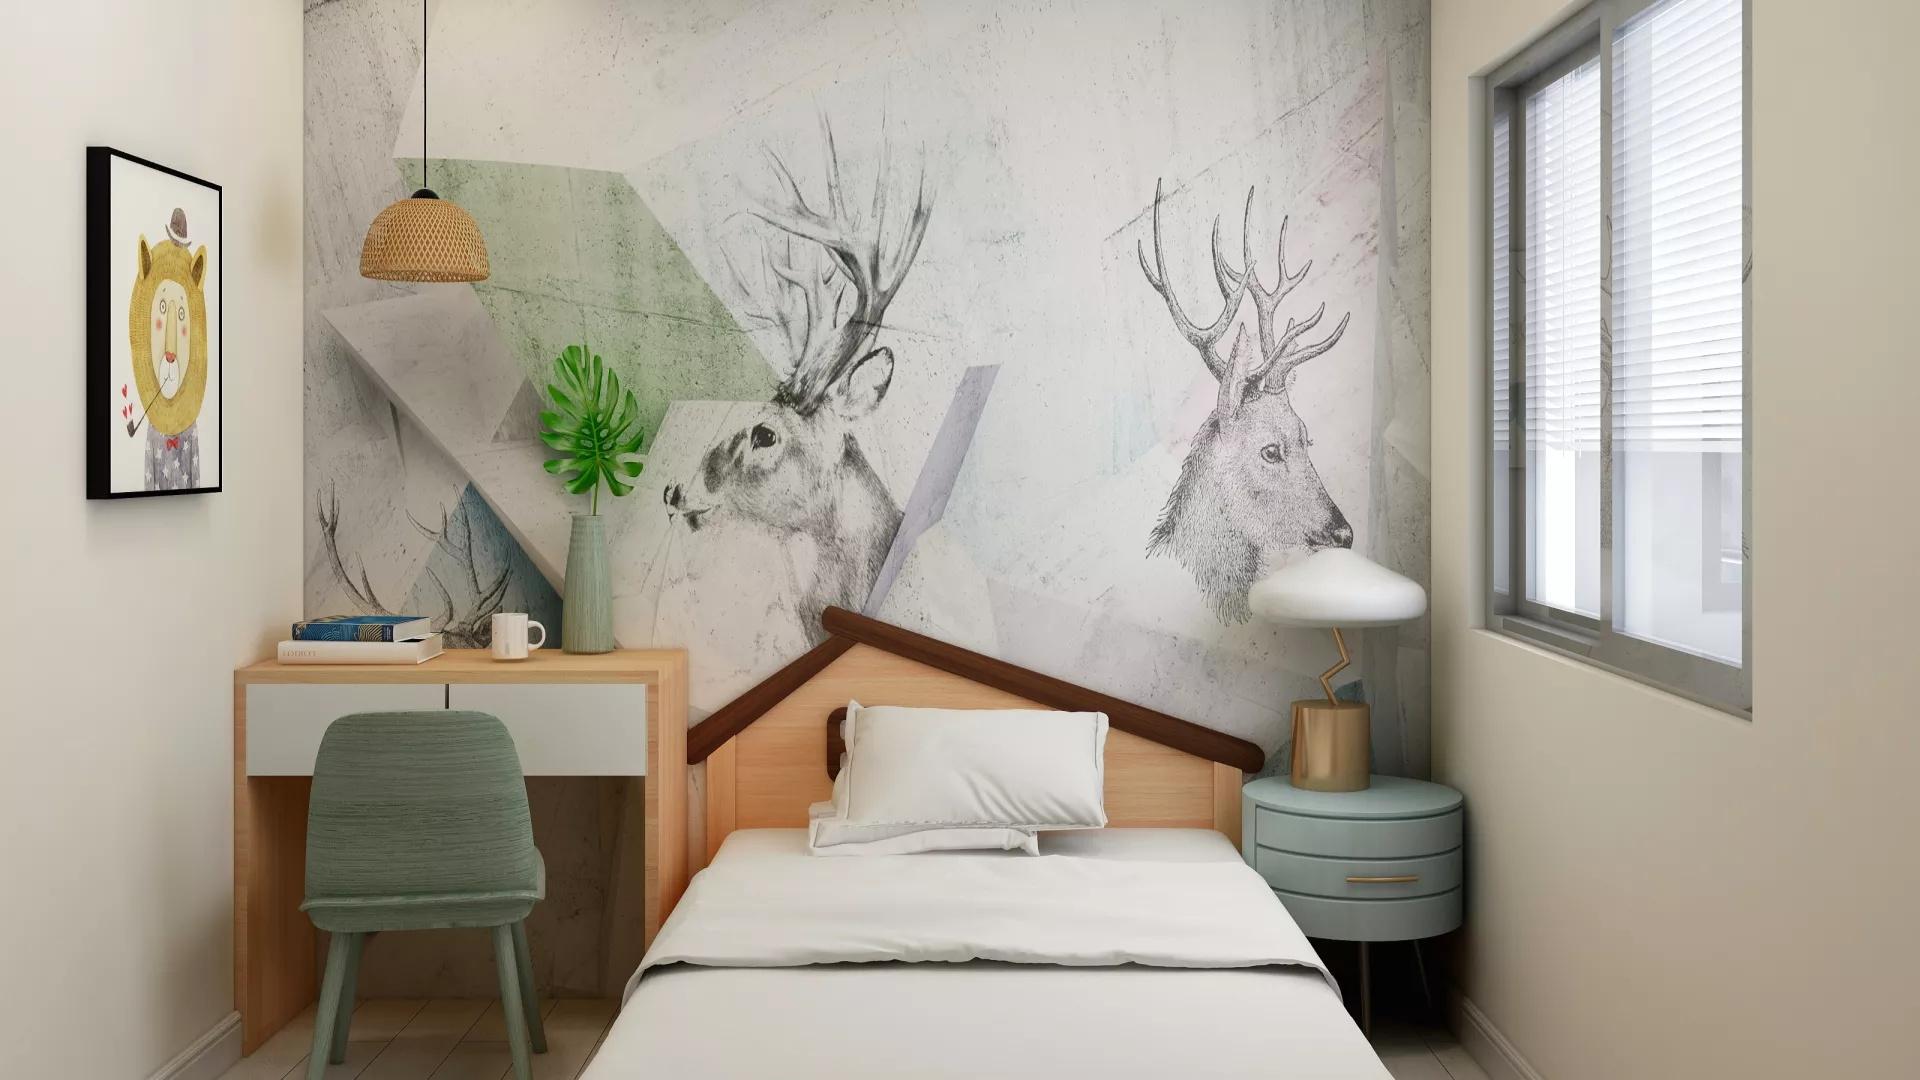 清新明亮美式阳光房设计图片